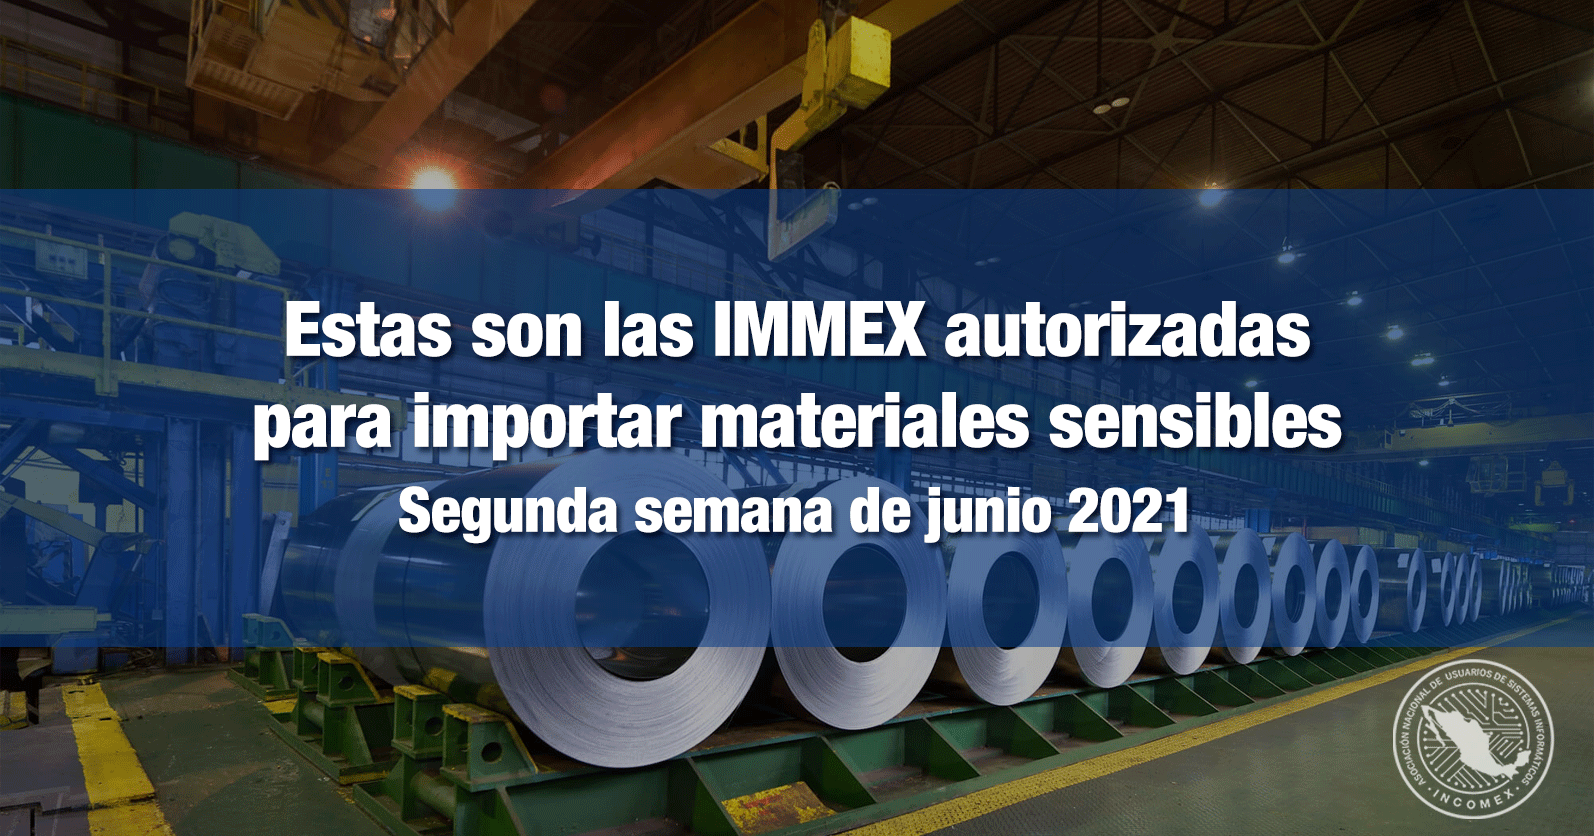 Estas son las IMMEX autorizadas para importar materiales sensibles